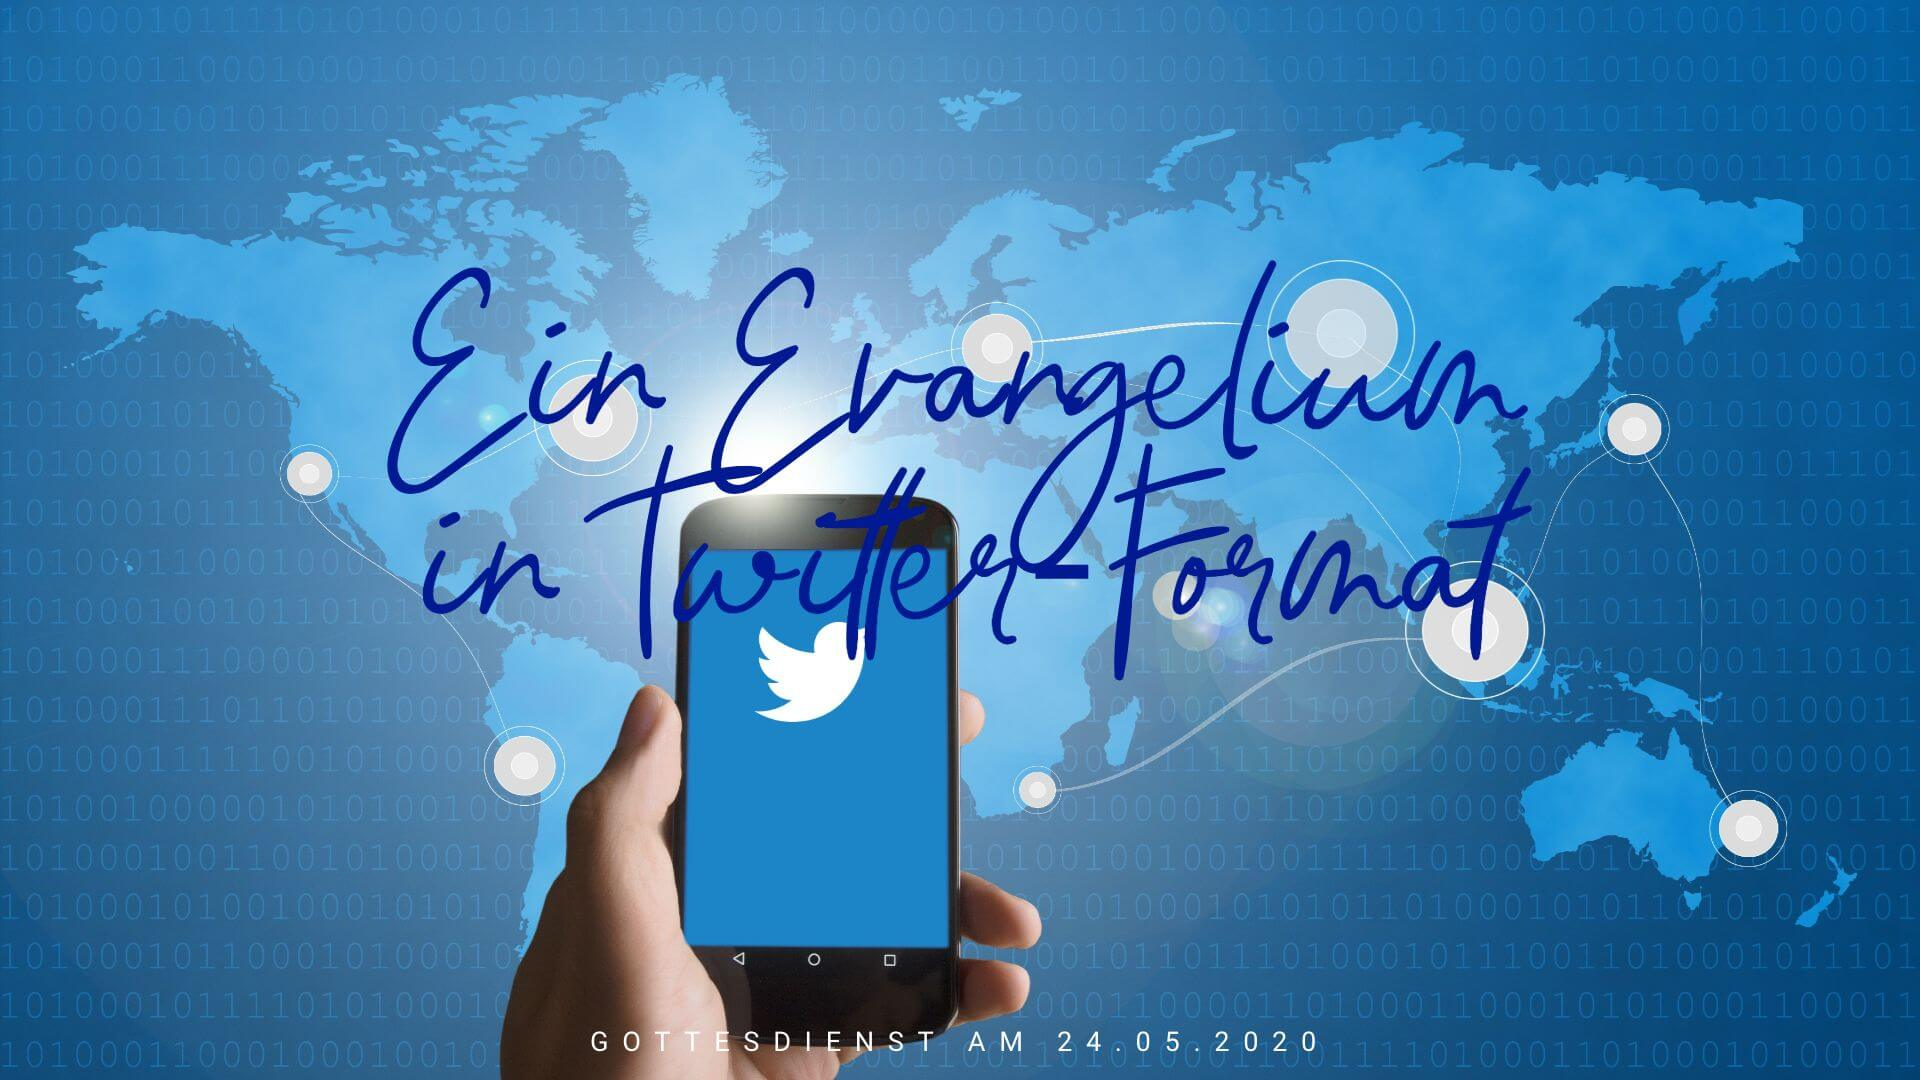 Ein Evangelium in Twitter-Format. Gottesdienst am 24.05.2020